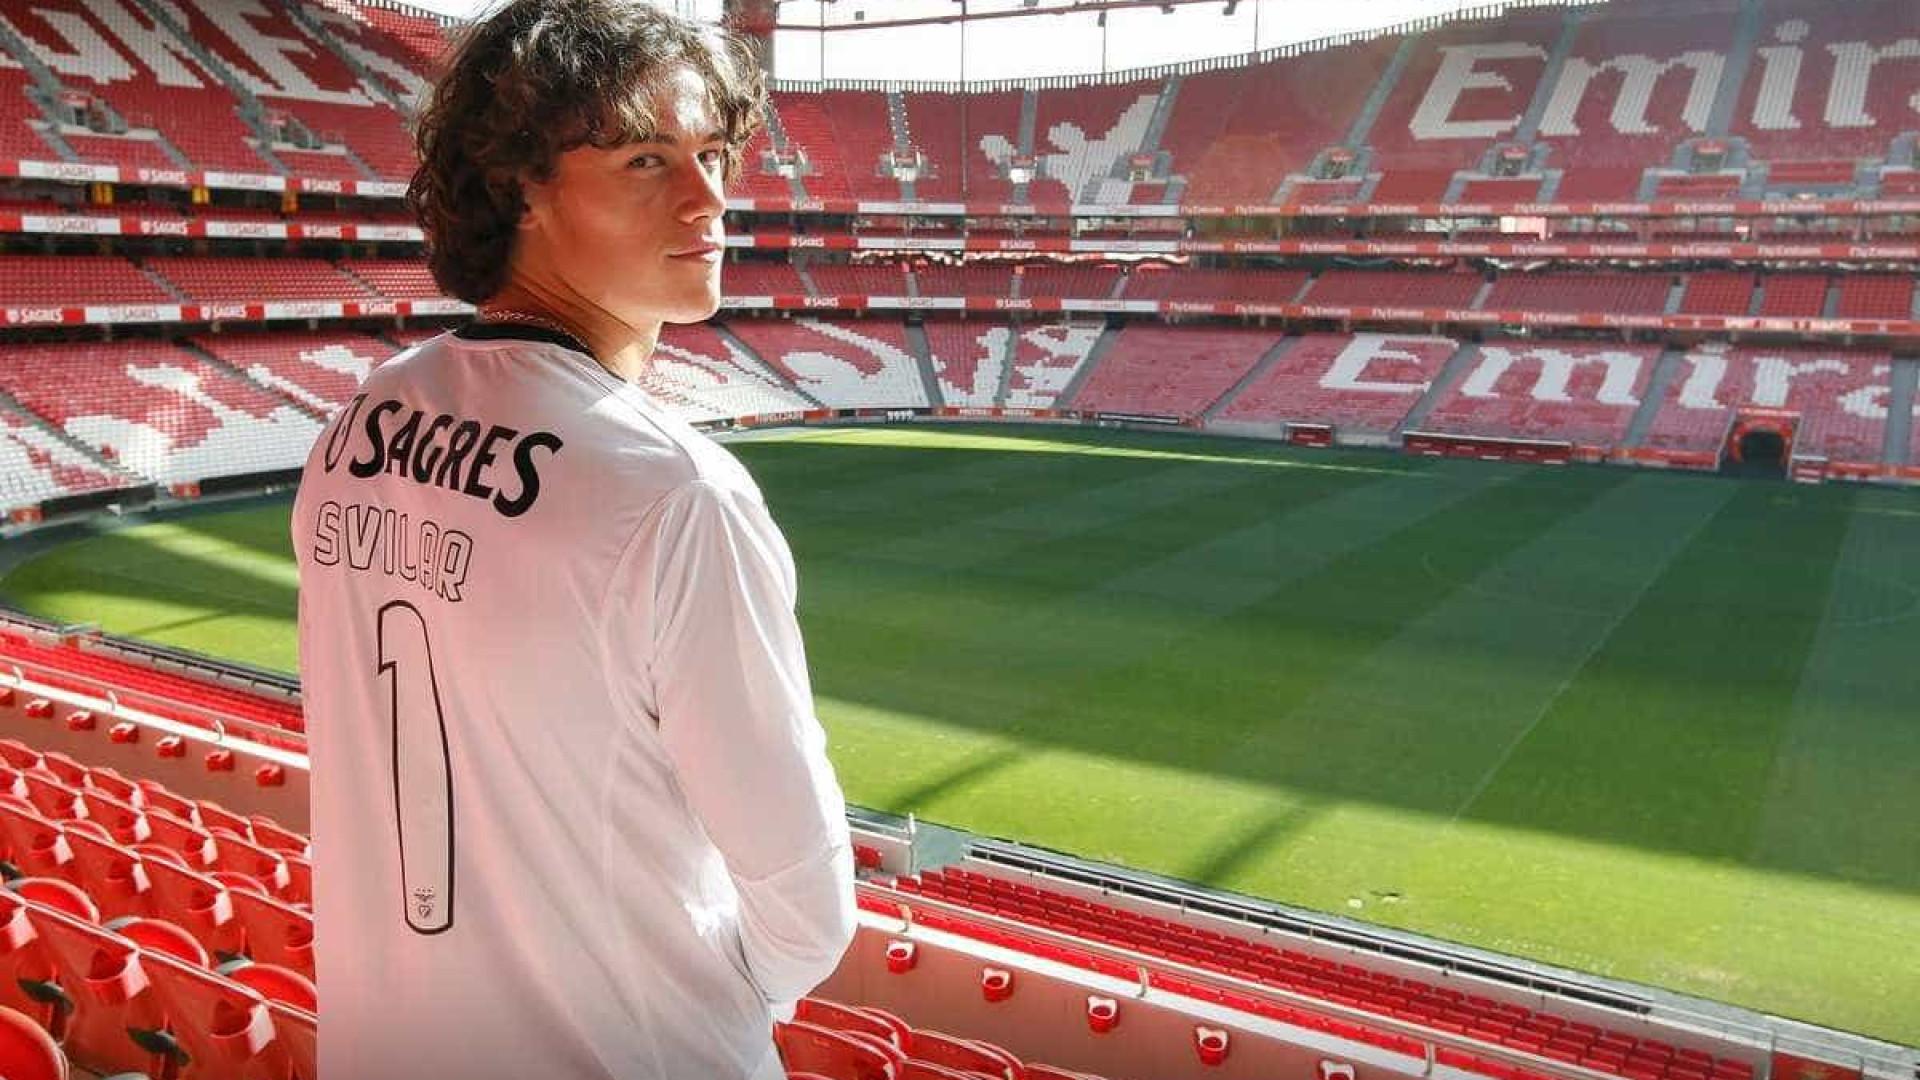 Mile Svilar quer integrar equipa do Benfica